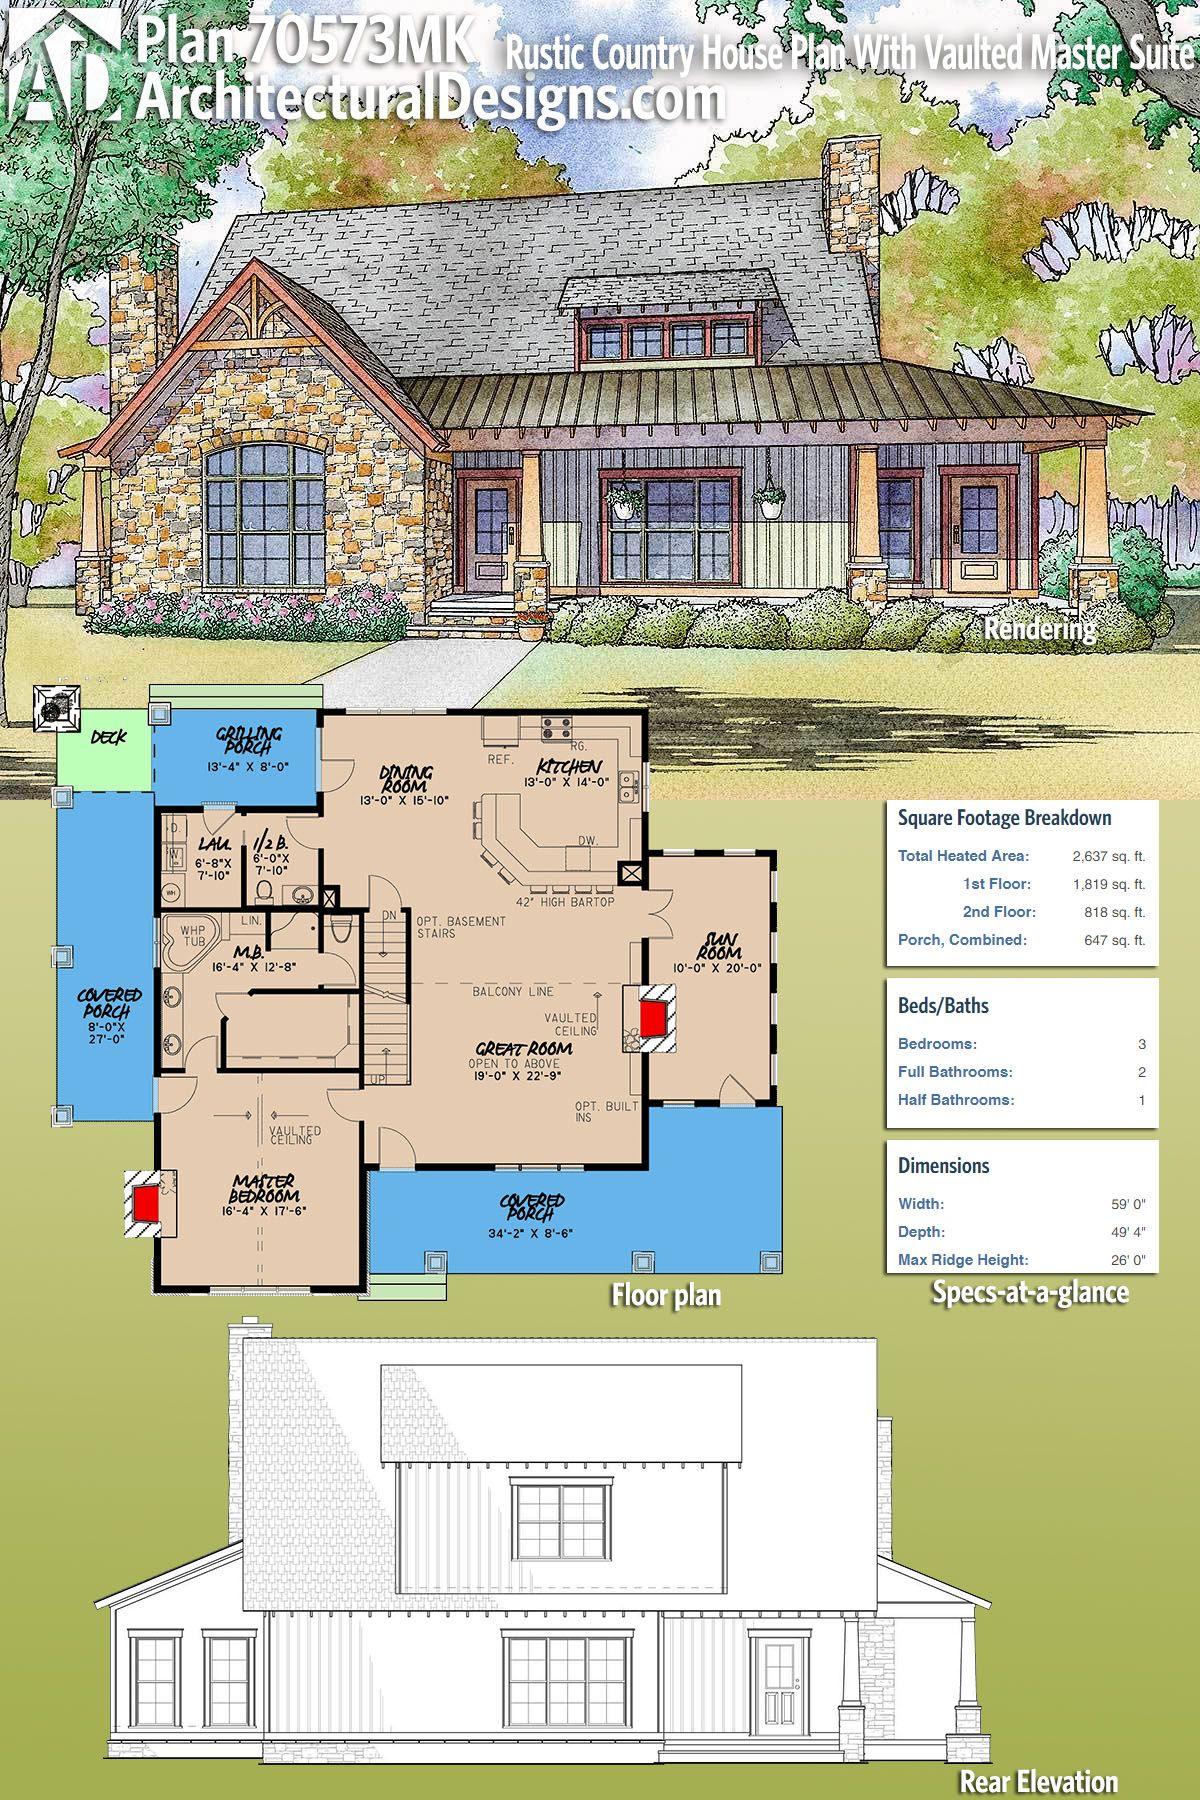 Photo of Plan 70573MK: Rustikaler Landhausplan mit gewölbter Master Suite